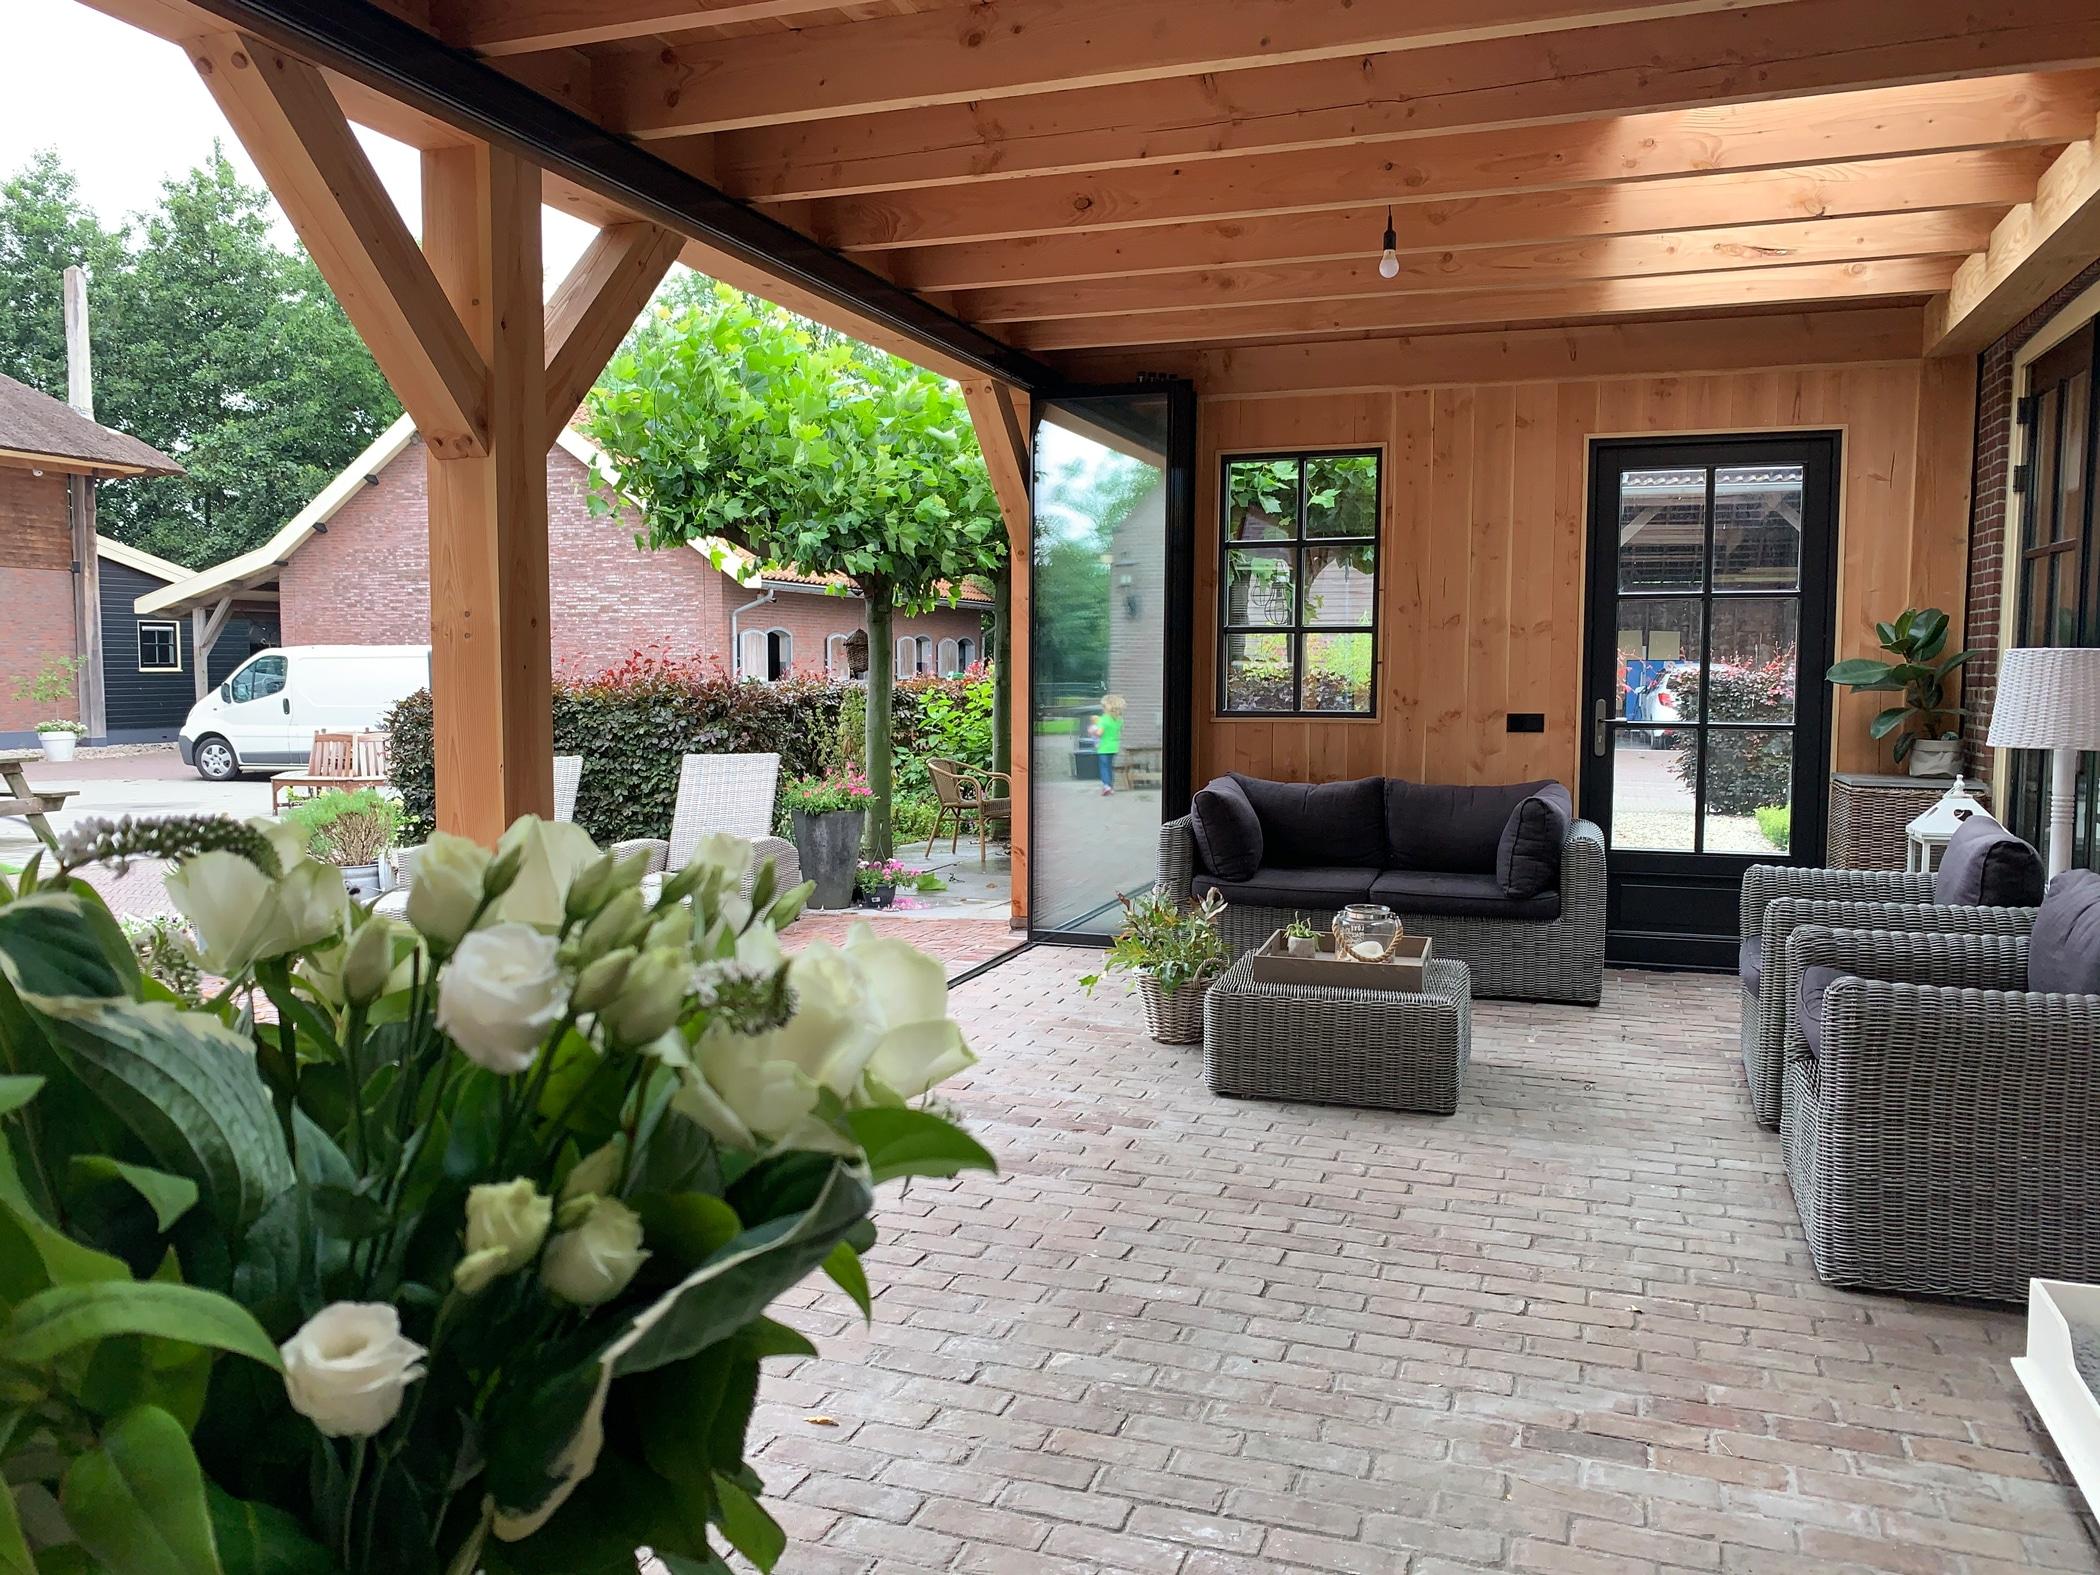 Ideen für Terrassenverglasung Schiebe-Dreh-Systeme von Sunflex